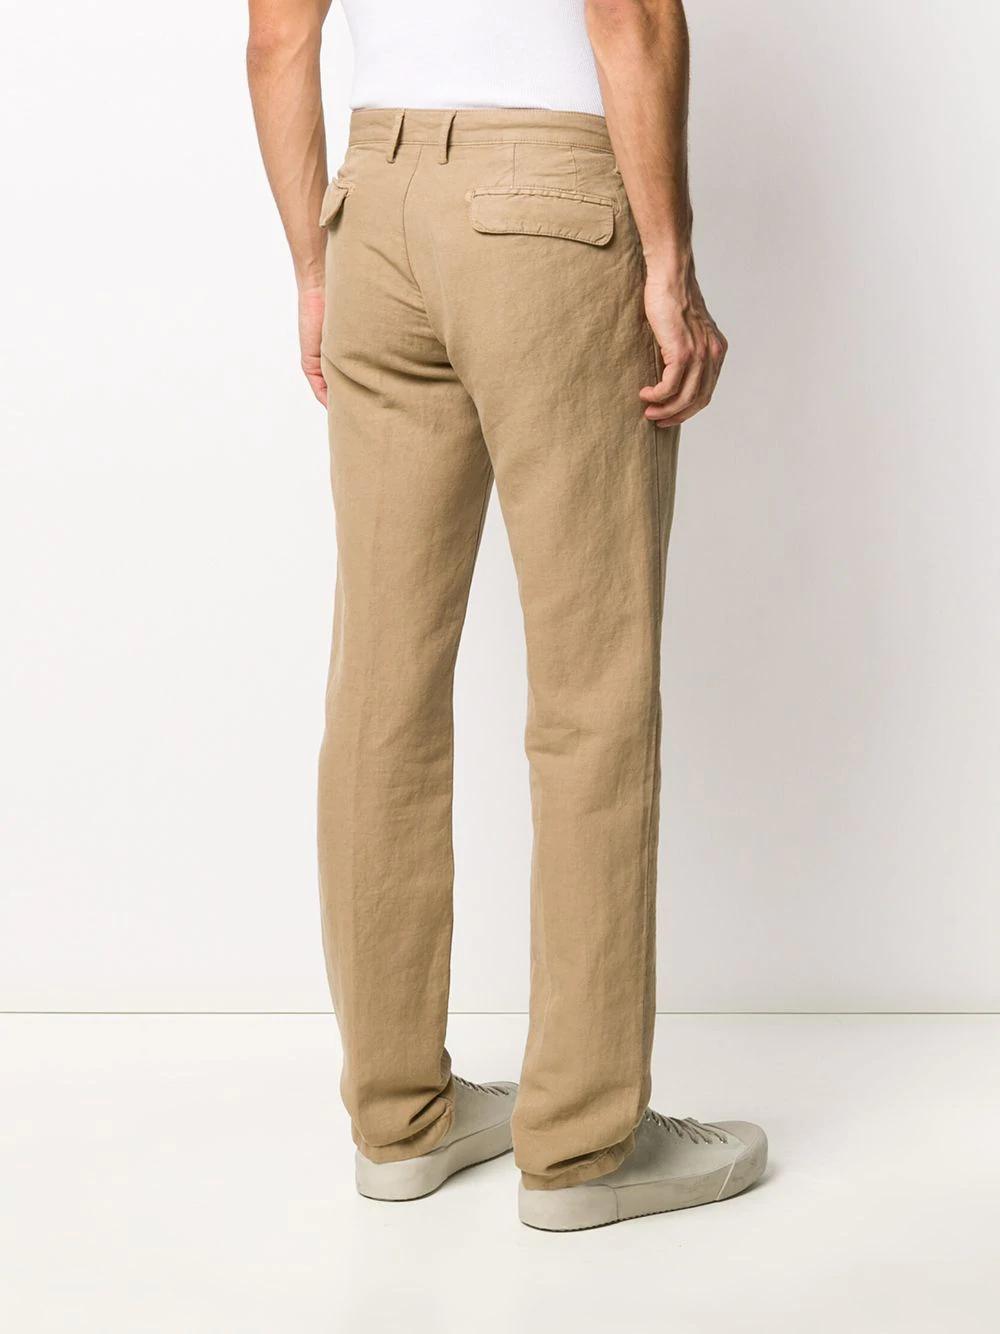 Massimo Alba Pantalones Rectos Farfetch Moda Para Hombres Grandes Moda Para Hombre Casual Ropa De Hombre